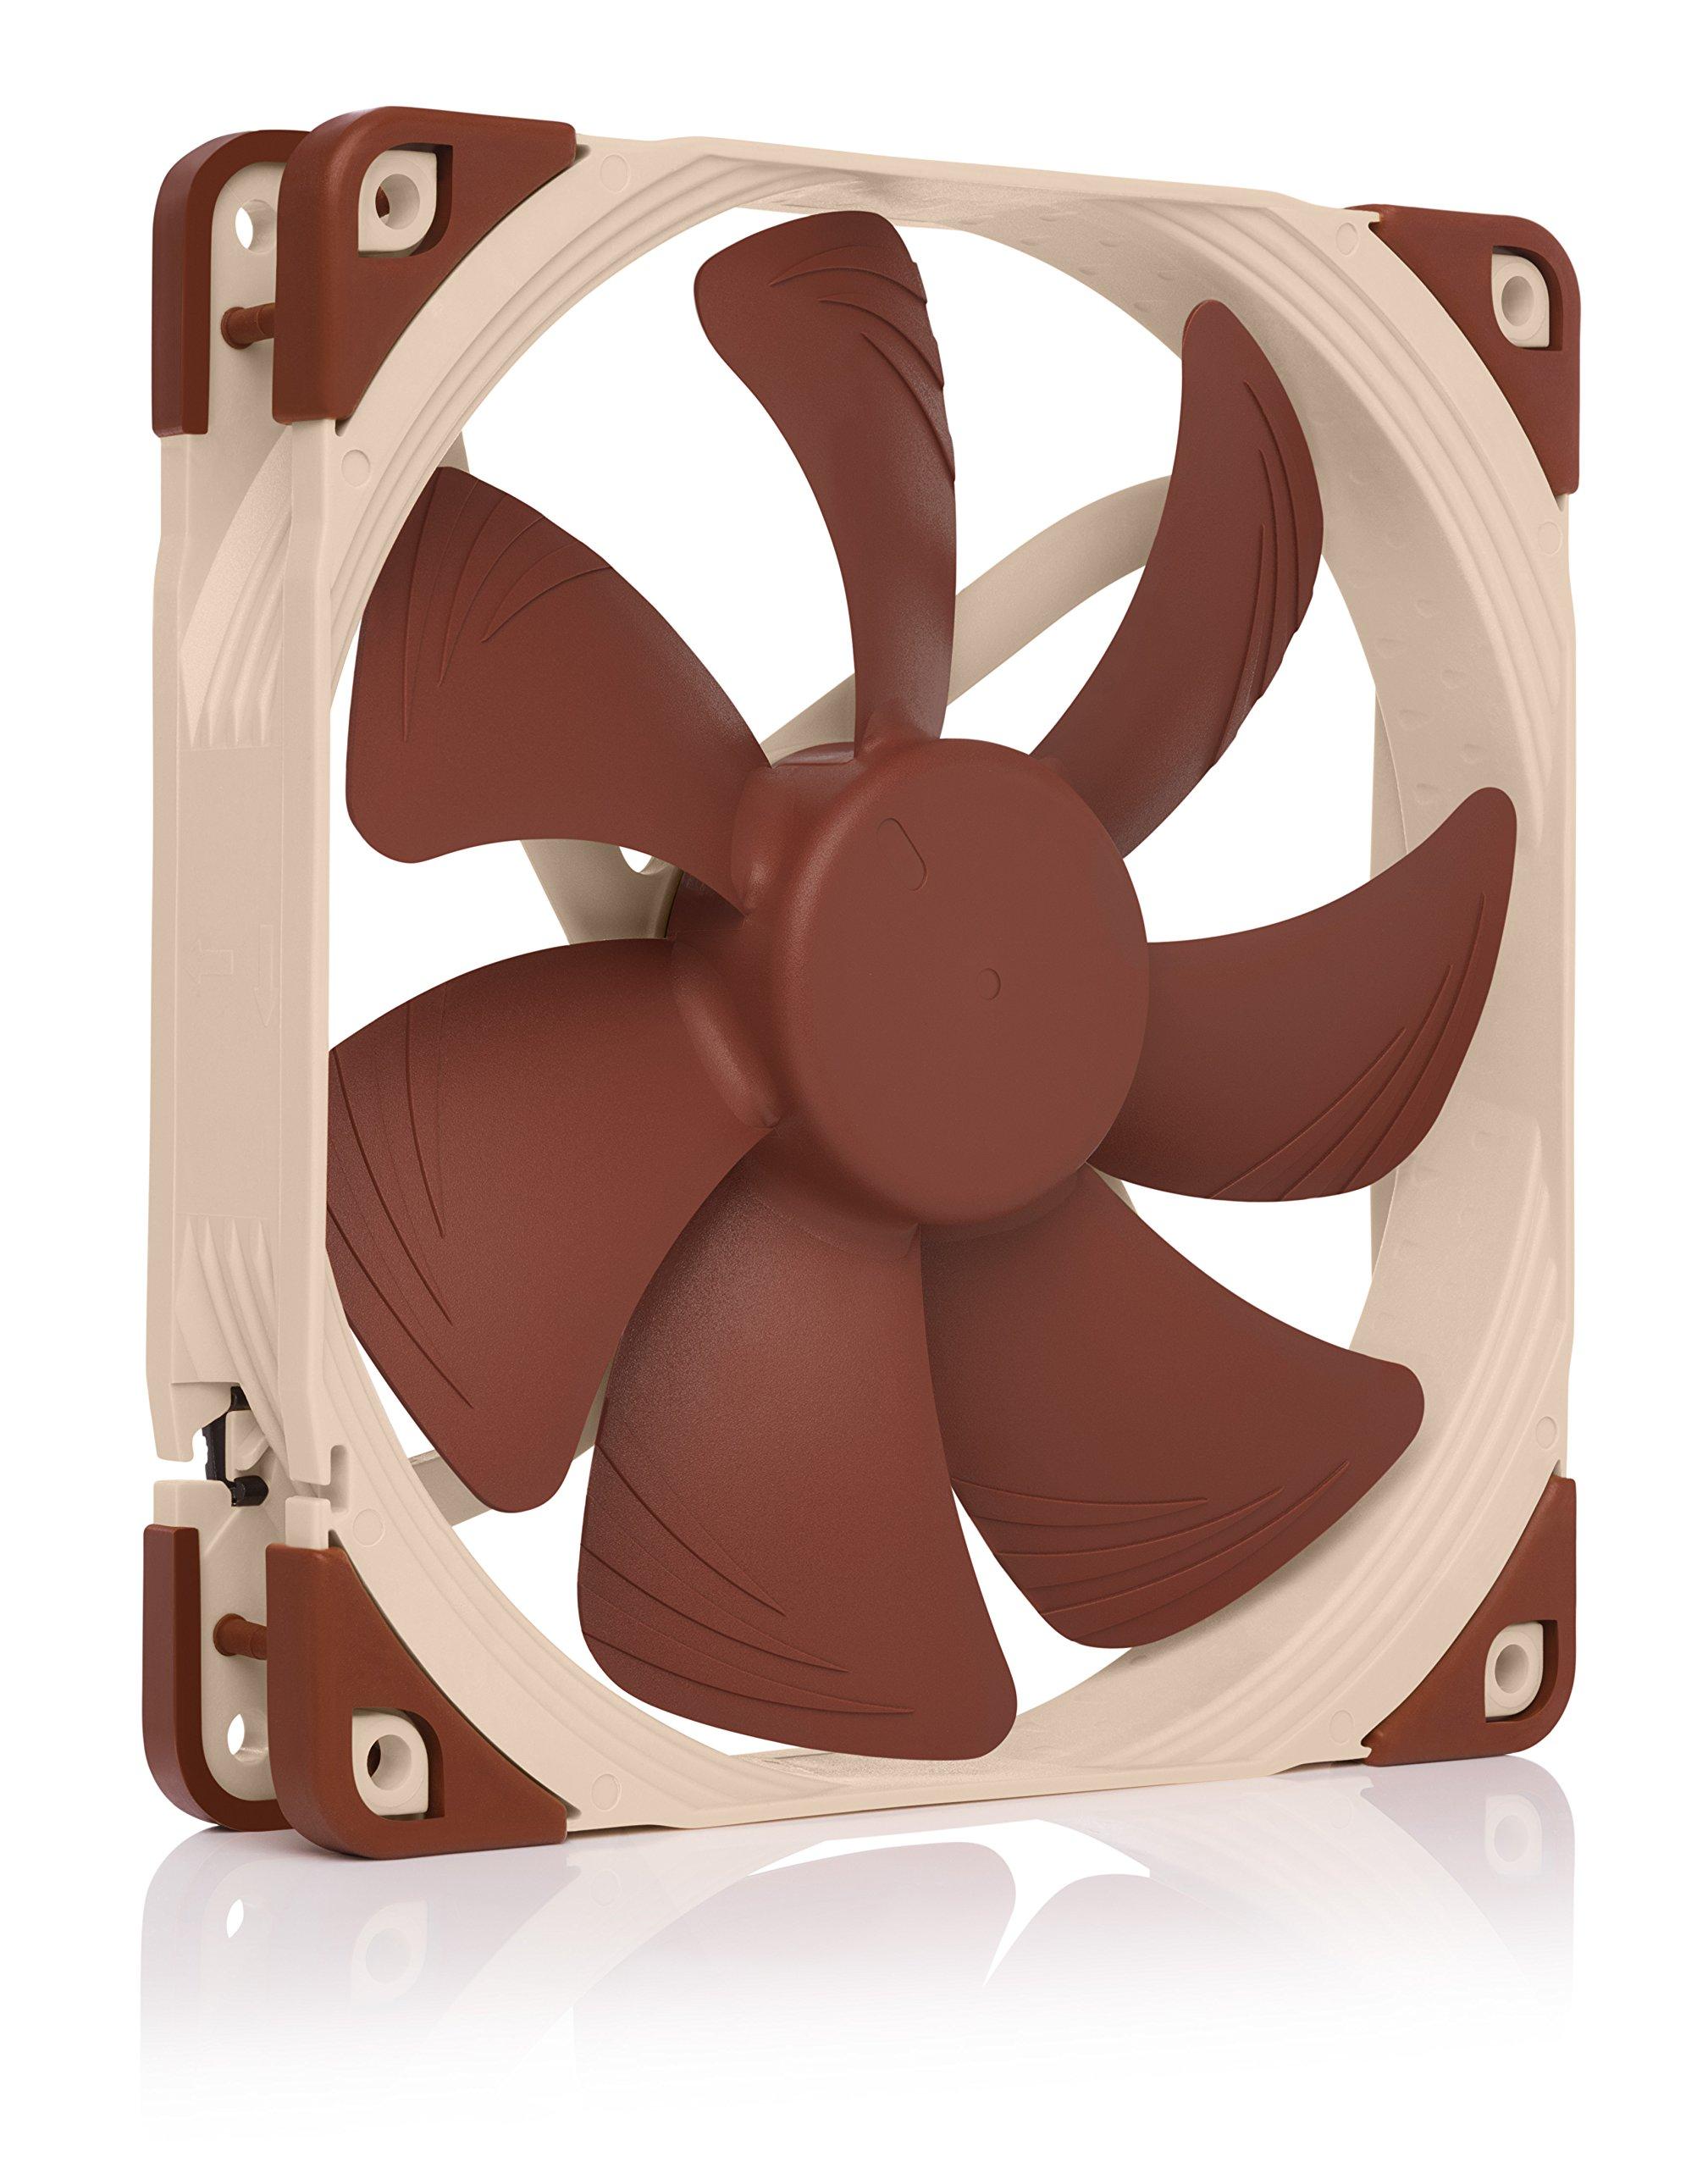 Noctua NF-A14 PWM, 4-Pin Premium Quiet Cooling Fan (140mm, Brown) by NOCTUA